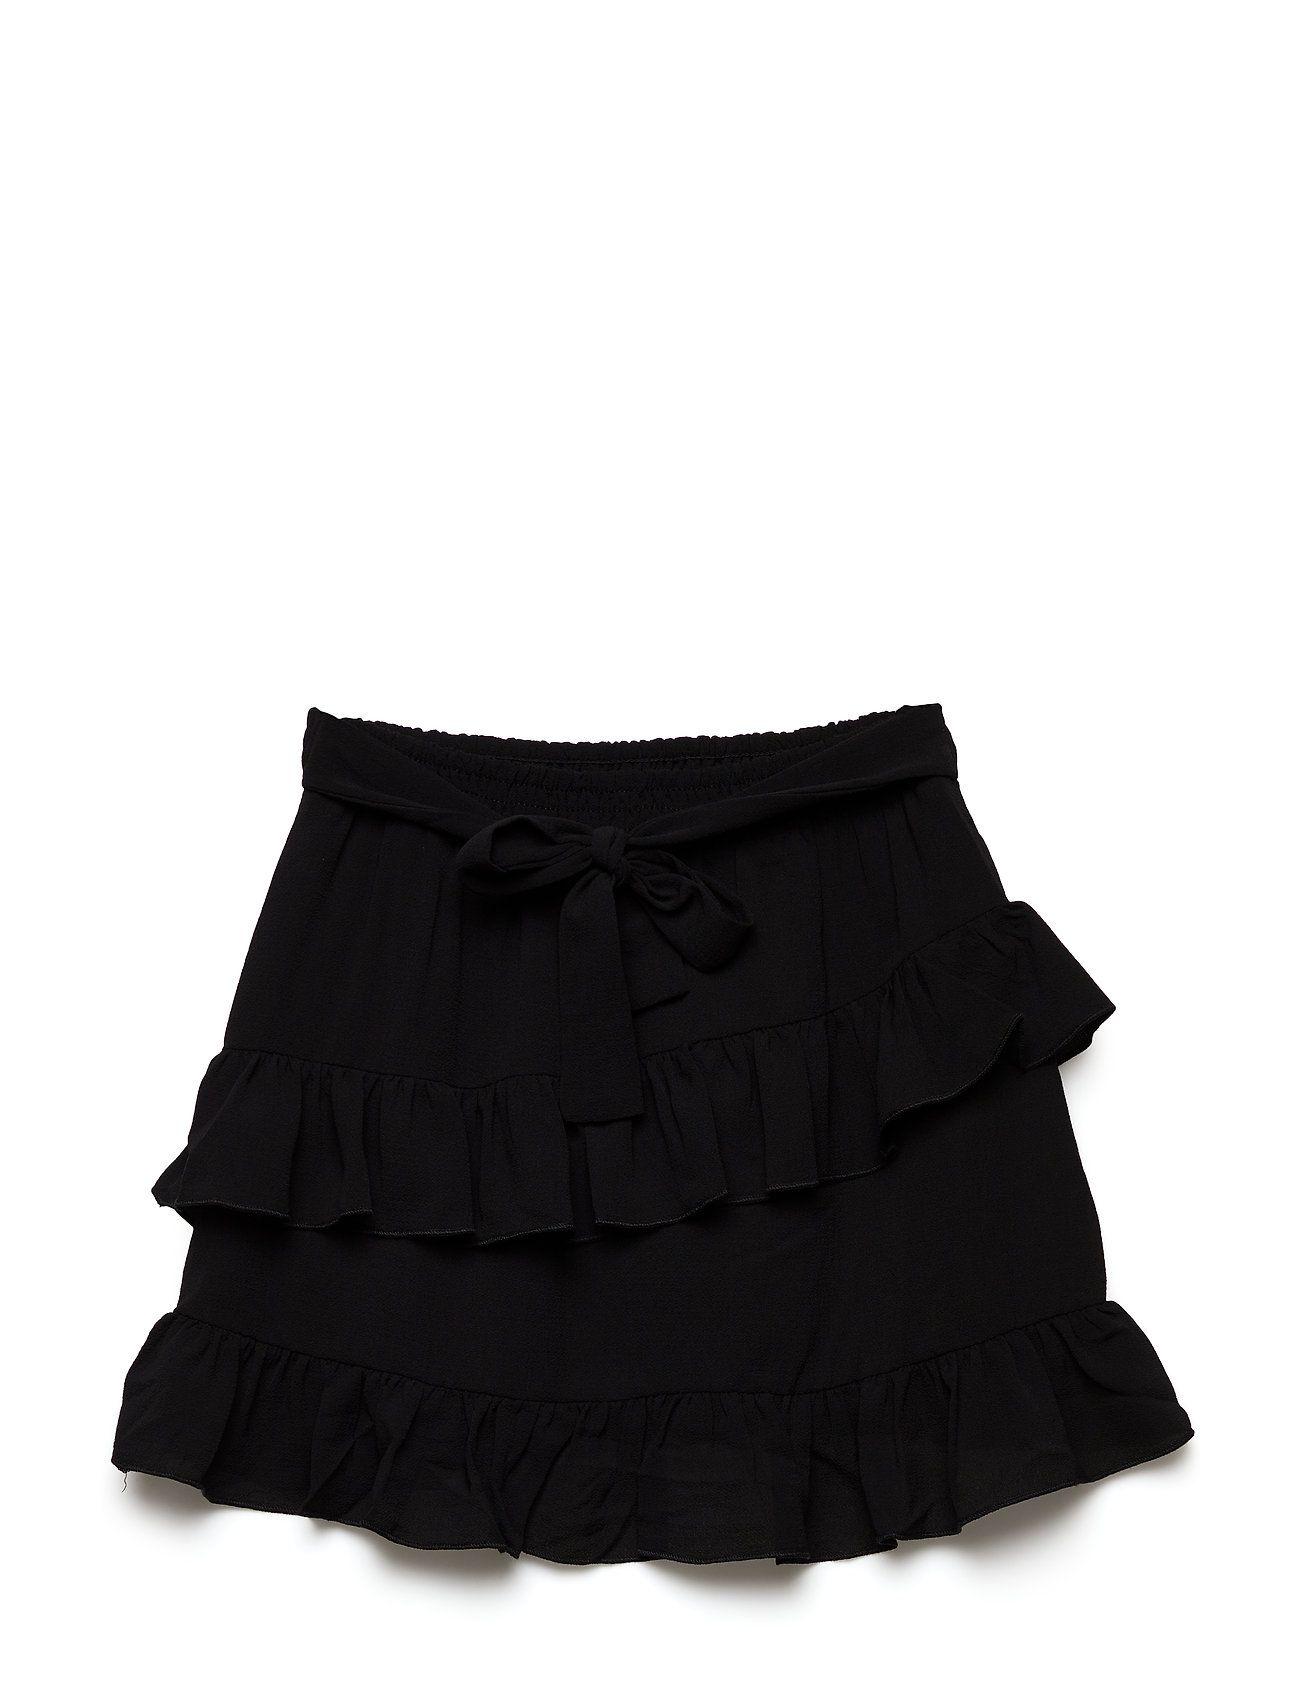 8f81fc6e108 Petit by Sofie Schnoor Skirt (Black), 291.85 kr | Stort utbud av reavaror